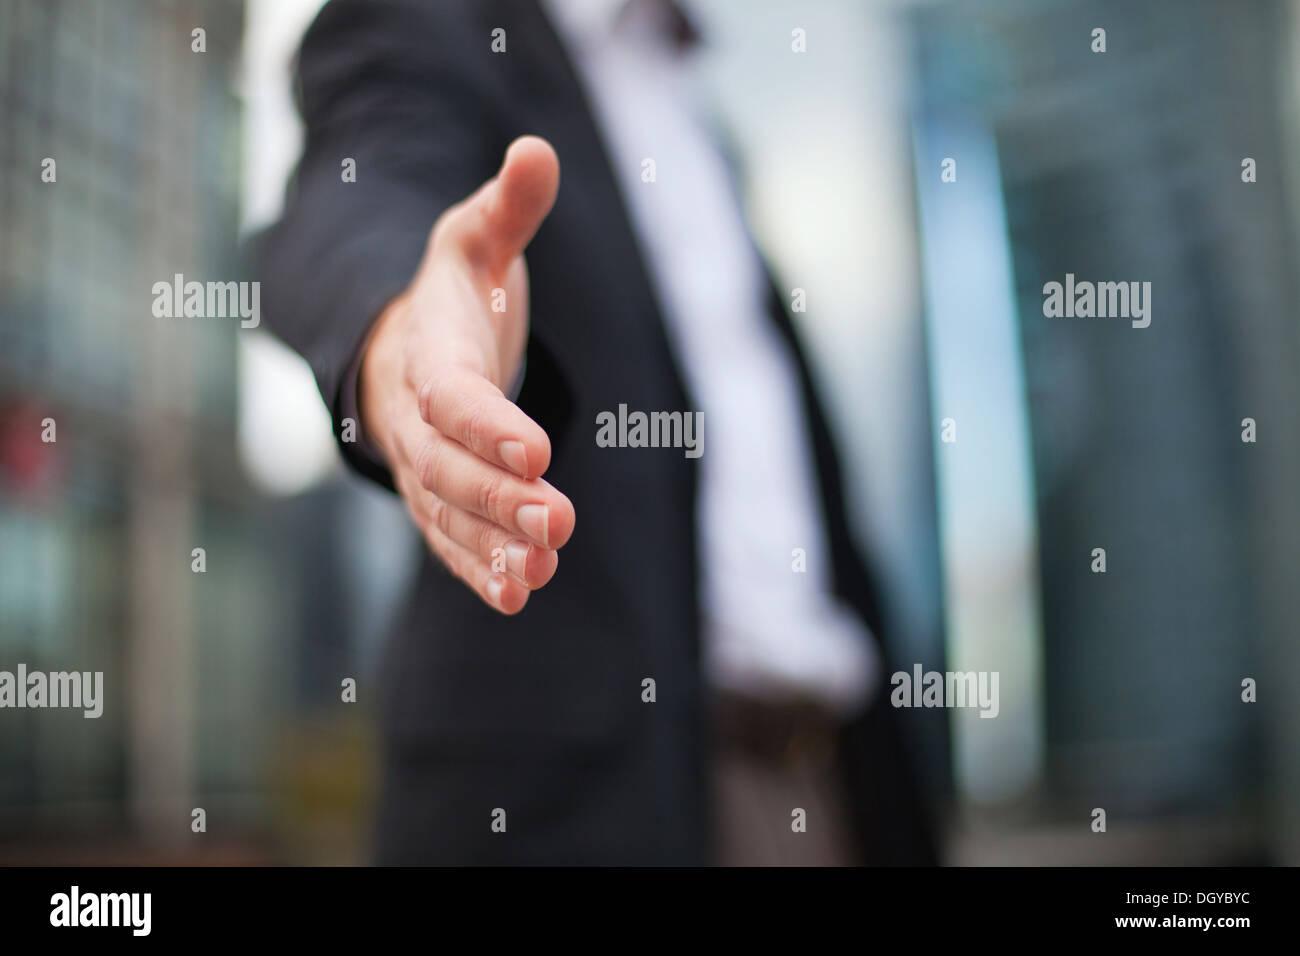 Uomo d'affari offrendo per stretta di mano Immagini Stock